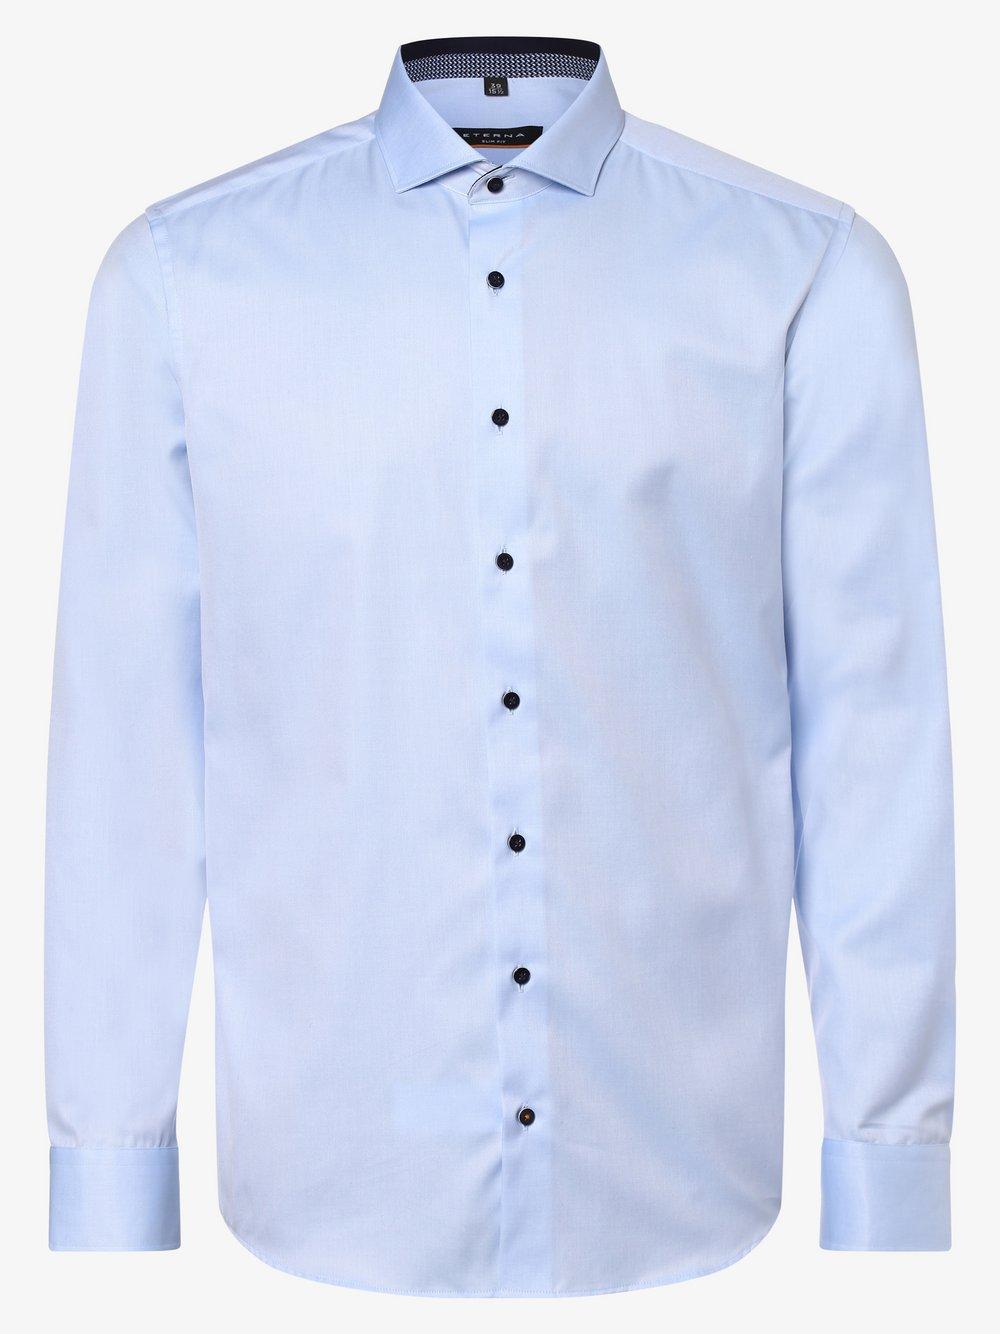 Eterna Slim Fit - Koszula męska – niewymagająca prasowania, niebieski